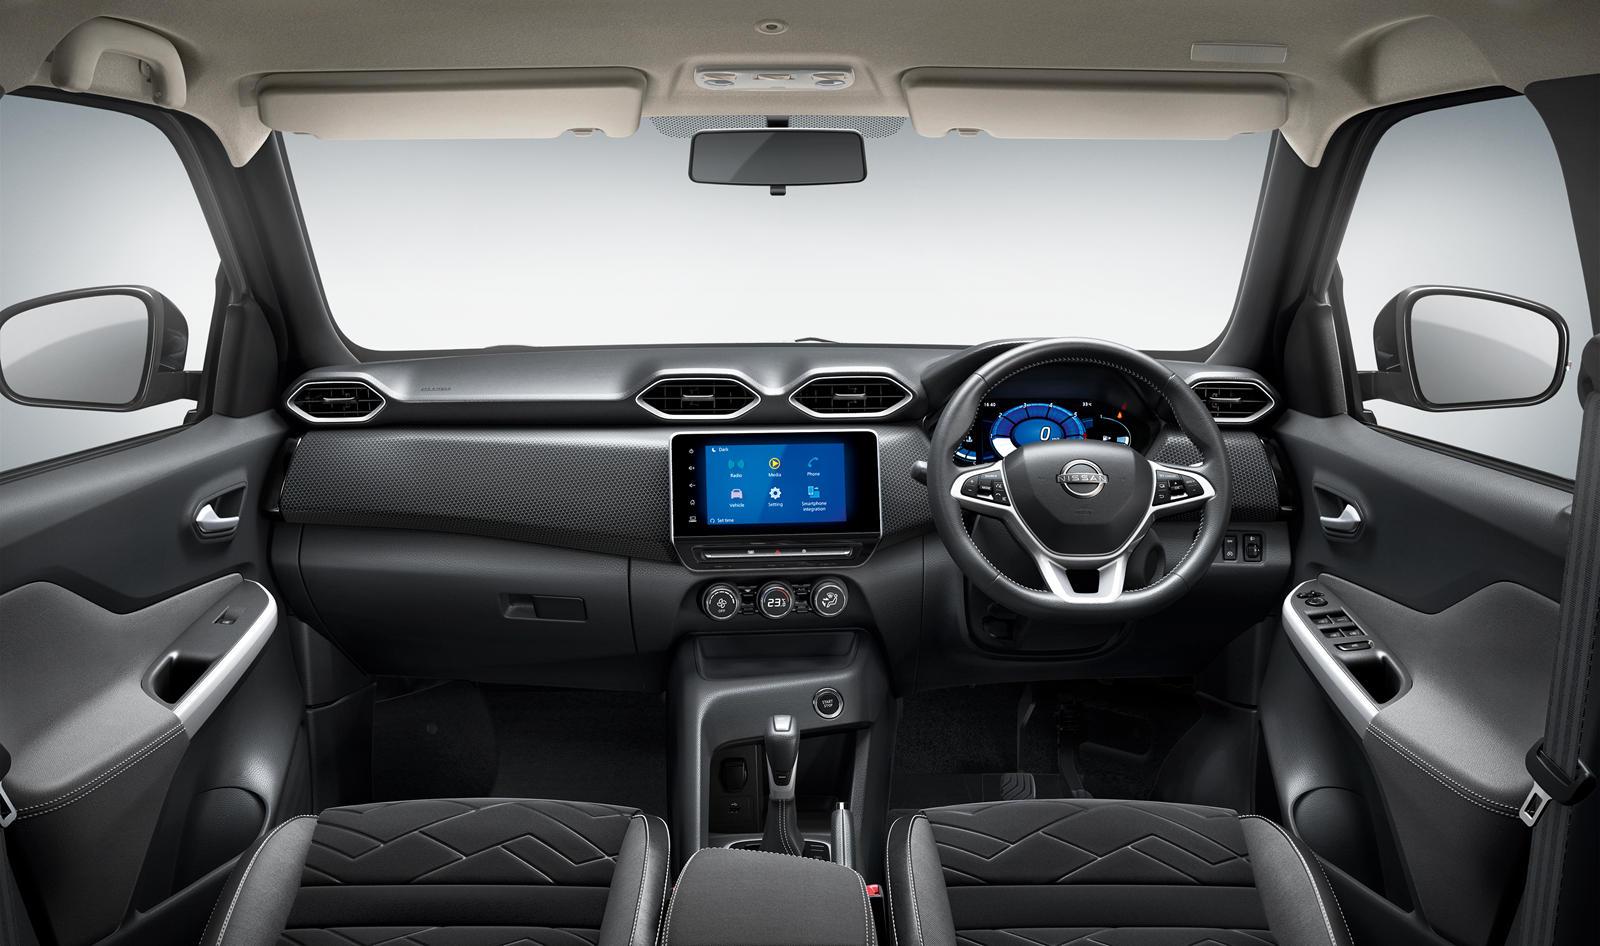 Представленный для индийского рынка, Magnite, по сути, является ответом Nissan на Hyundai Venue. Визуально это стильный компактный внедорожник, который выделяется среди своих конкурентов в сегменте B-SUV благодаря своим гладким фарам с «указателями п